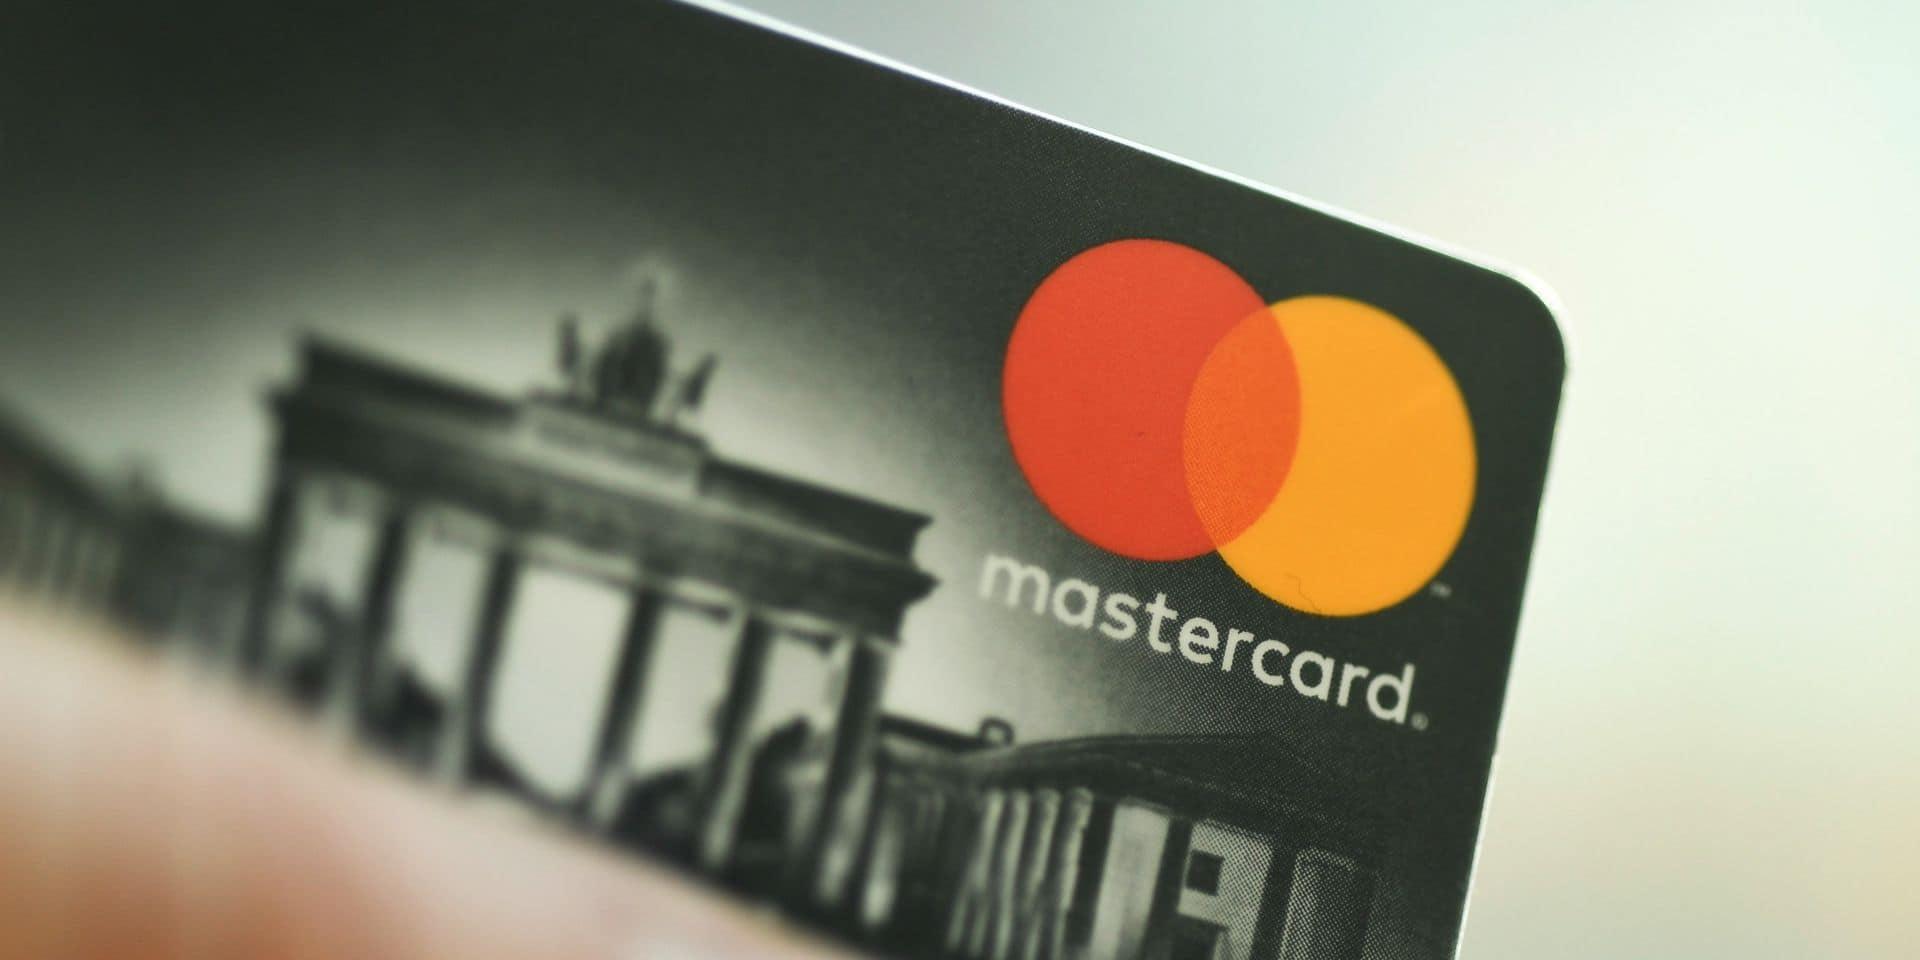 Les données de 90.000 clients Mastercard ont été piratées en Allemagne